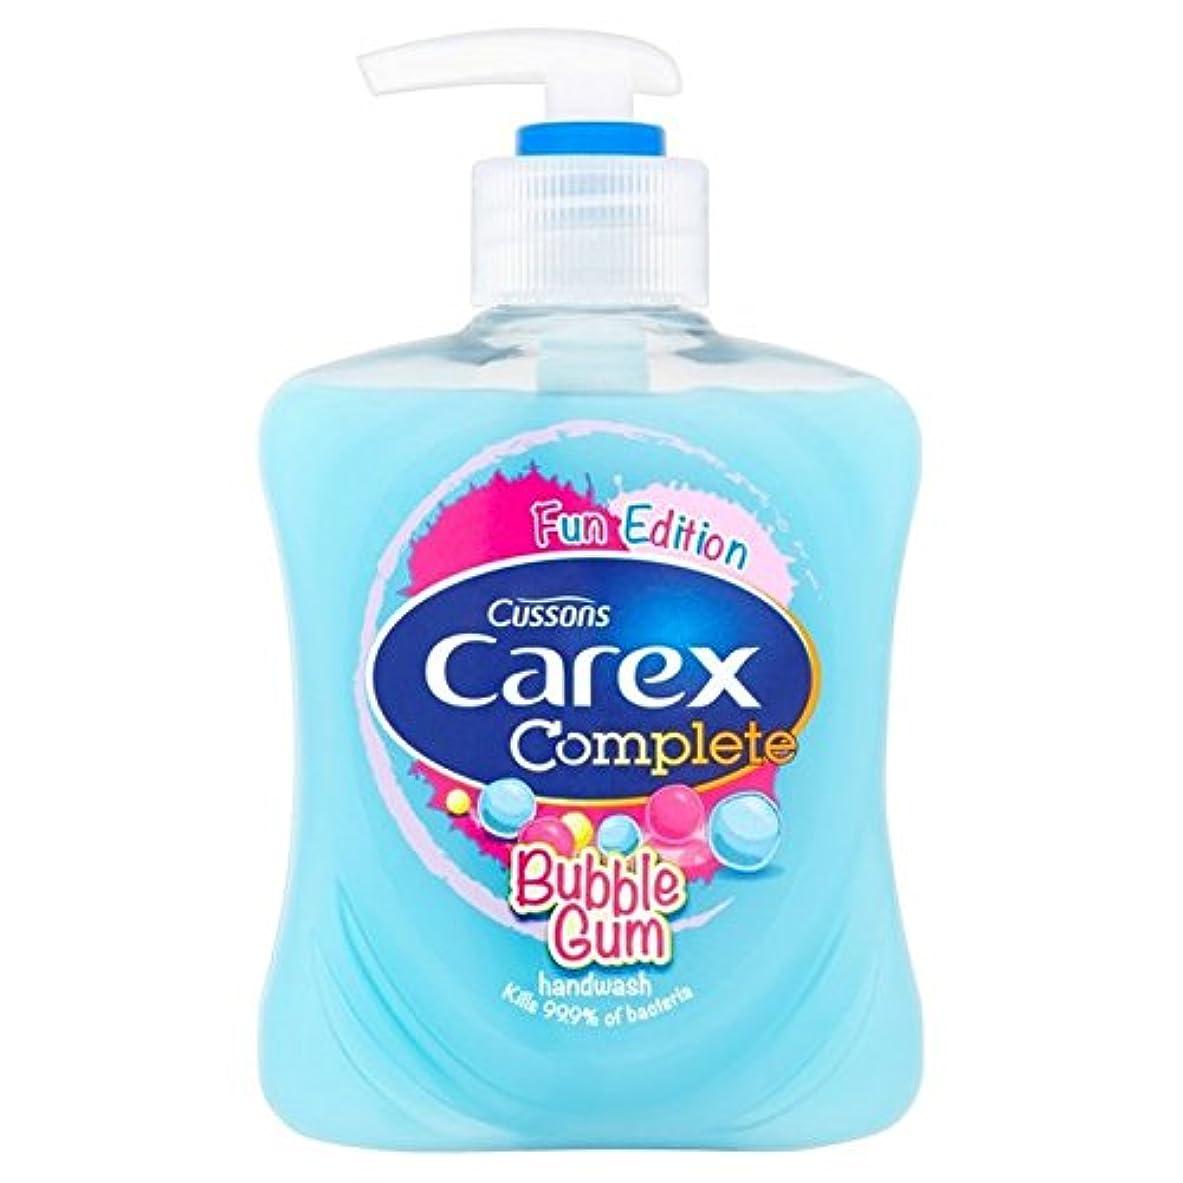 ハイブリッド柔和ロック解除Carex Kids Handwash Bubblegum 250ml (Pack of 6) - スゲ子供手洗いバブルガムの250ミリリットル x6 [並行輸入品]